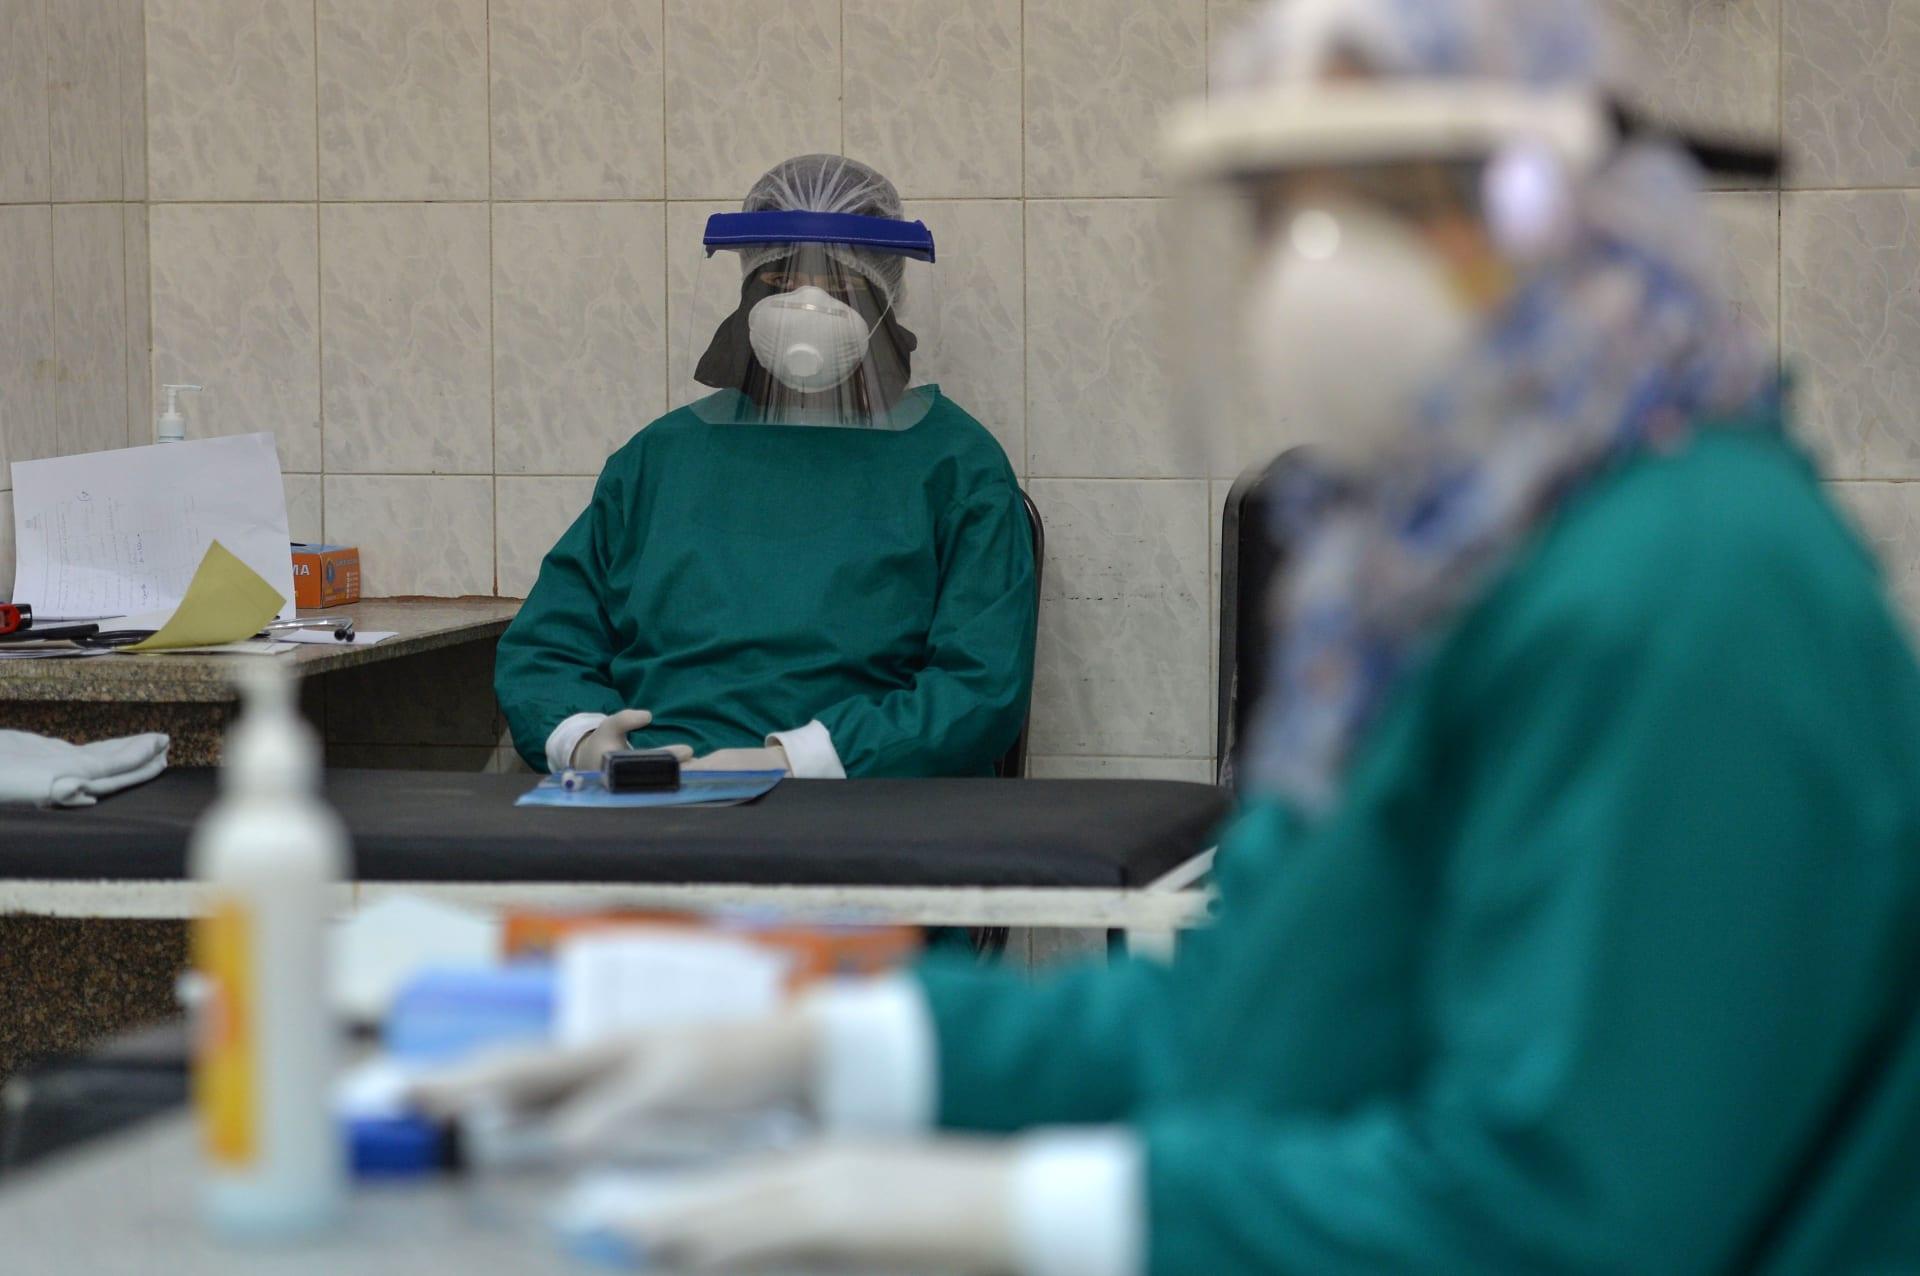 فريق طبي بأحد مستشفيات العاصمة المصرية القاهرة بعد تفشي فيروس كورونا